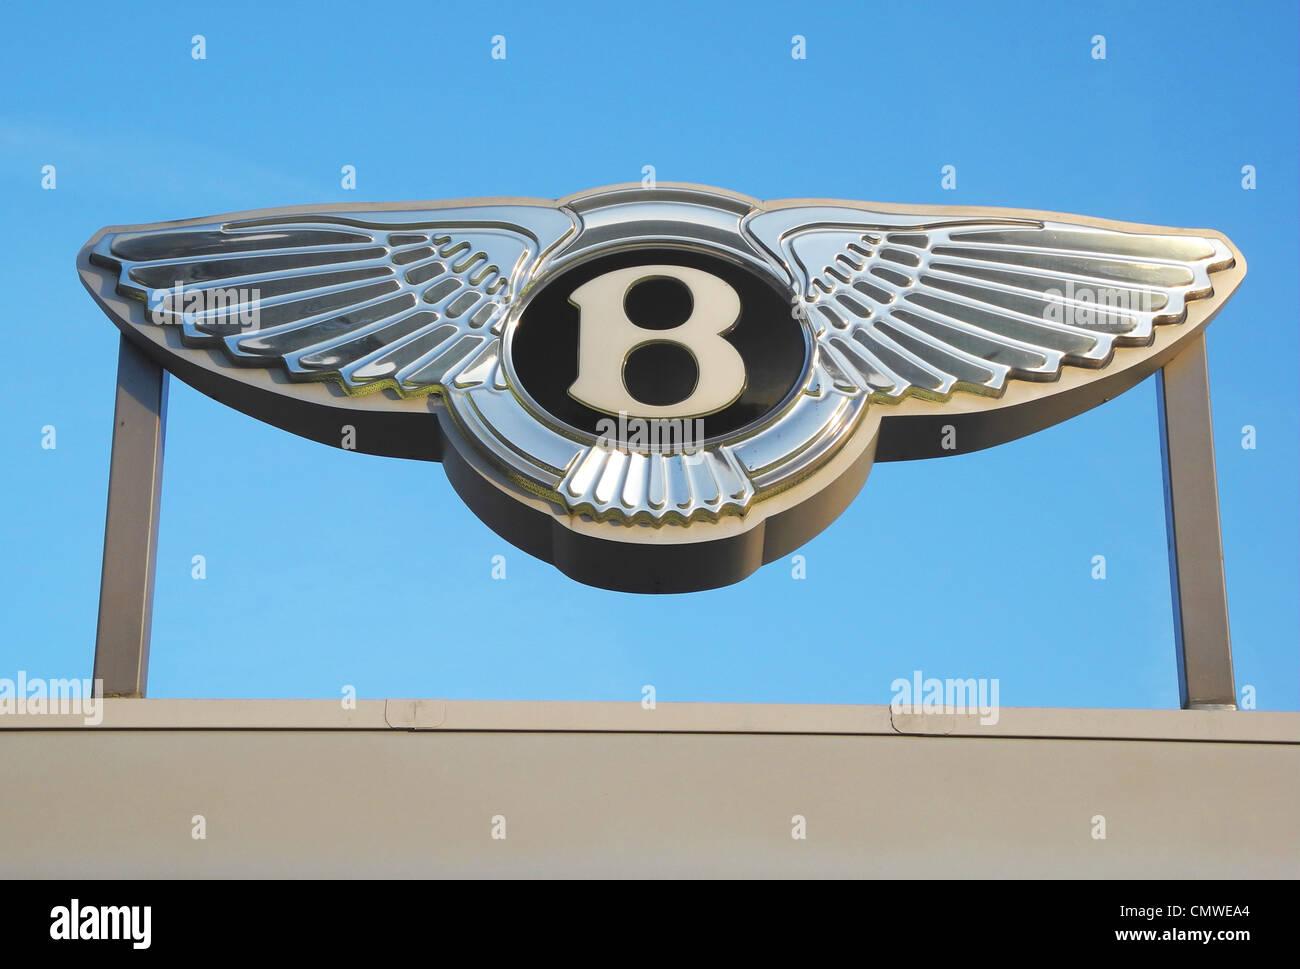 Bentley Auto Unternehmen Marke auf eine Garage redaktionelle Nutzung ...